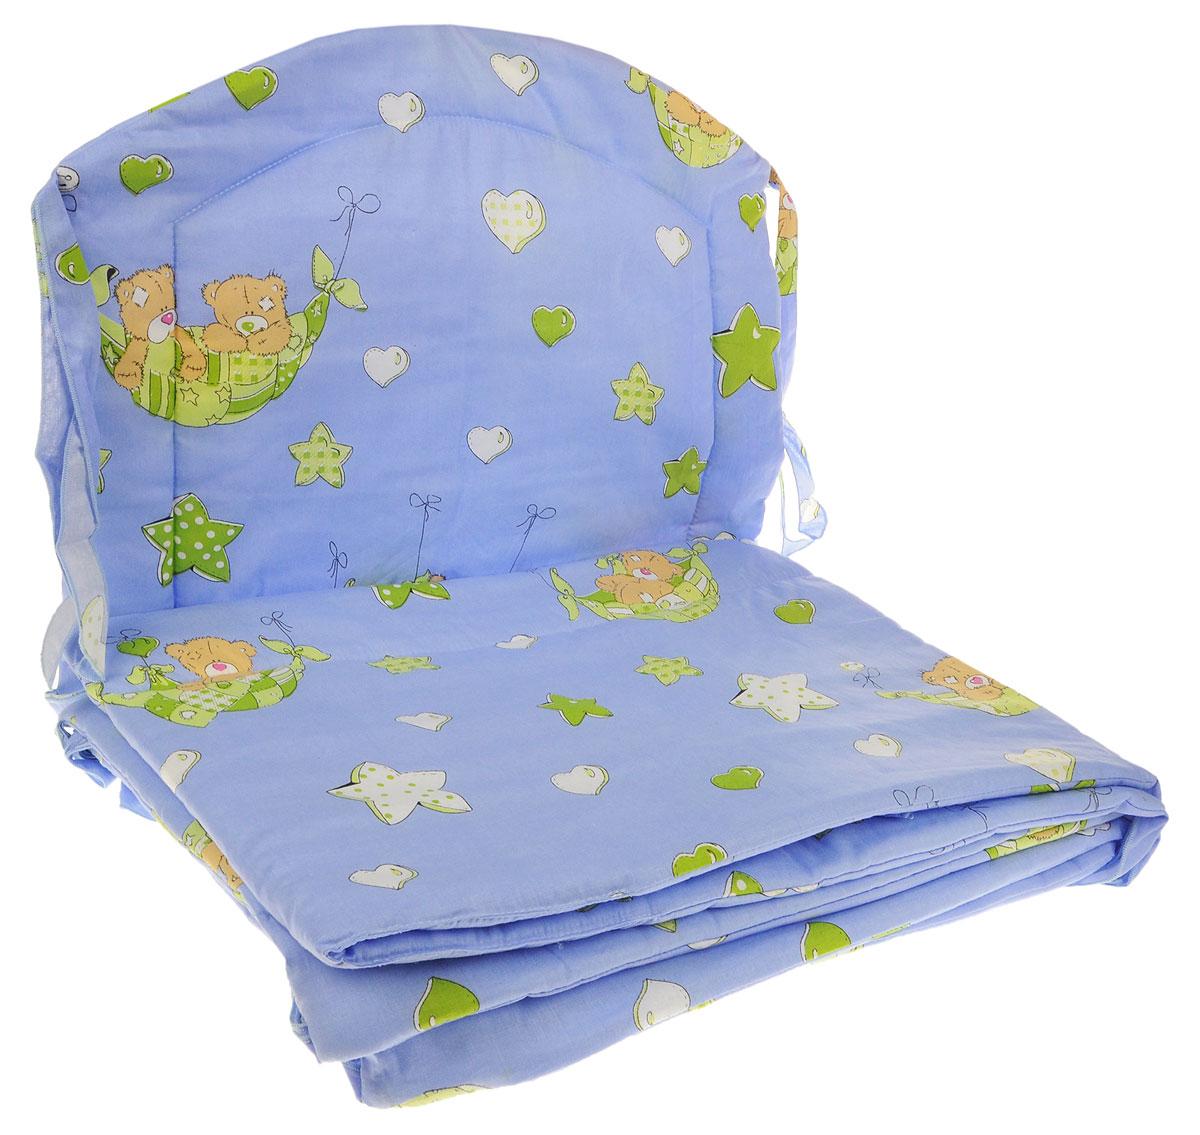 Фея Борт комбинированный 405 Мишка в гамаке цвет голубой - Детская комната